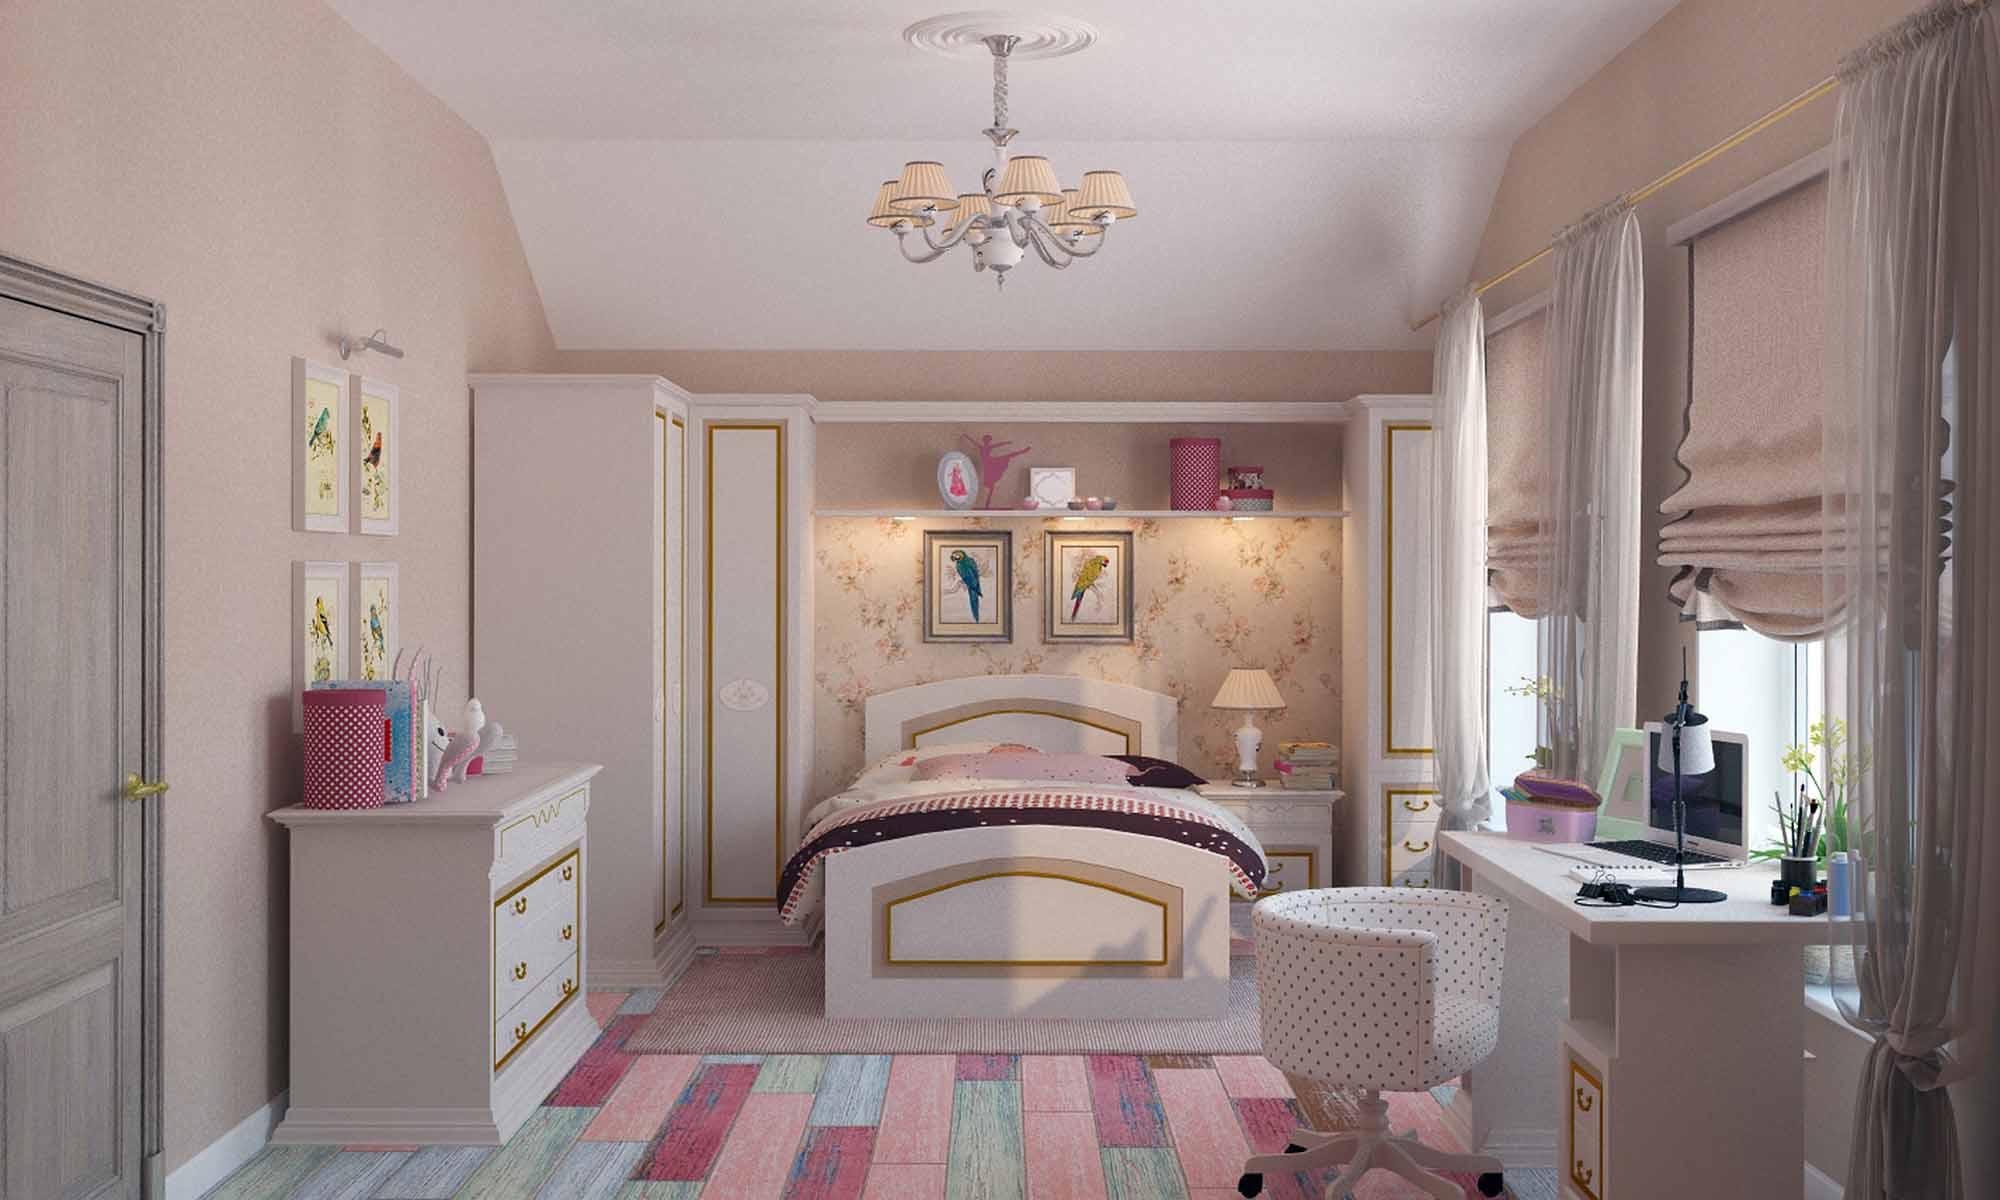 montage de meuble photo chambre enfant